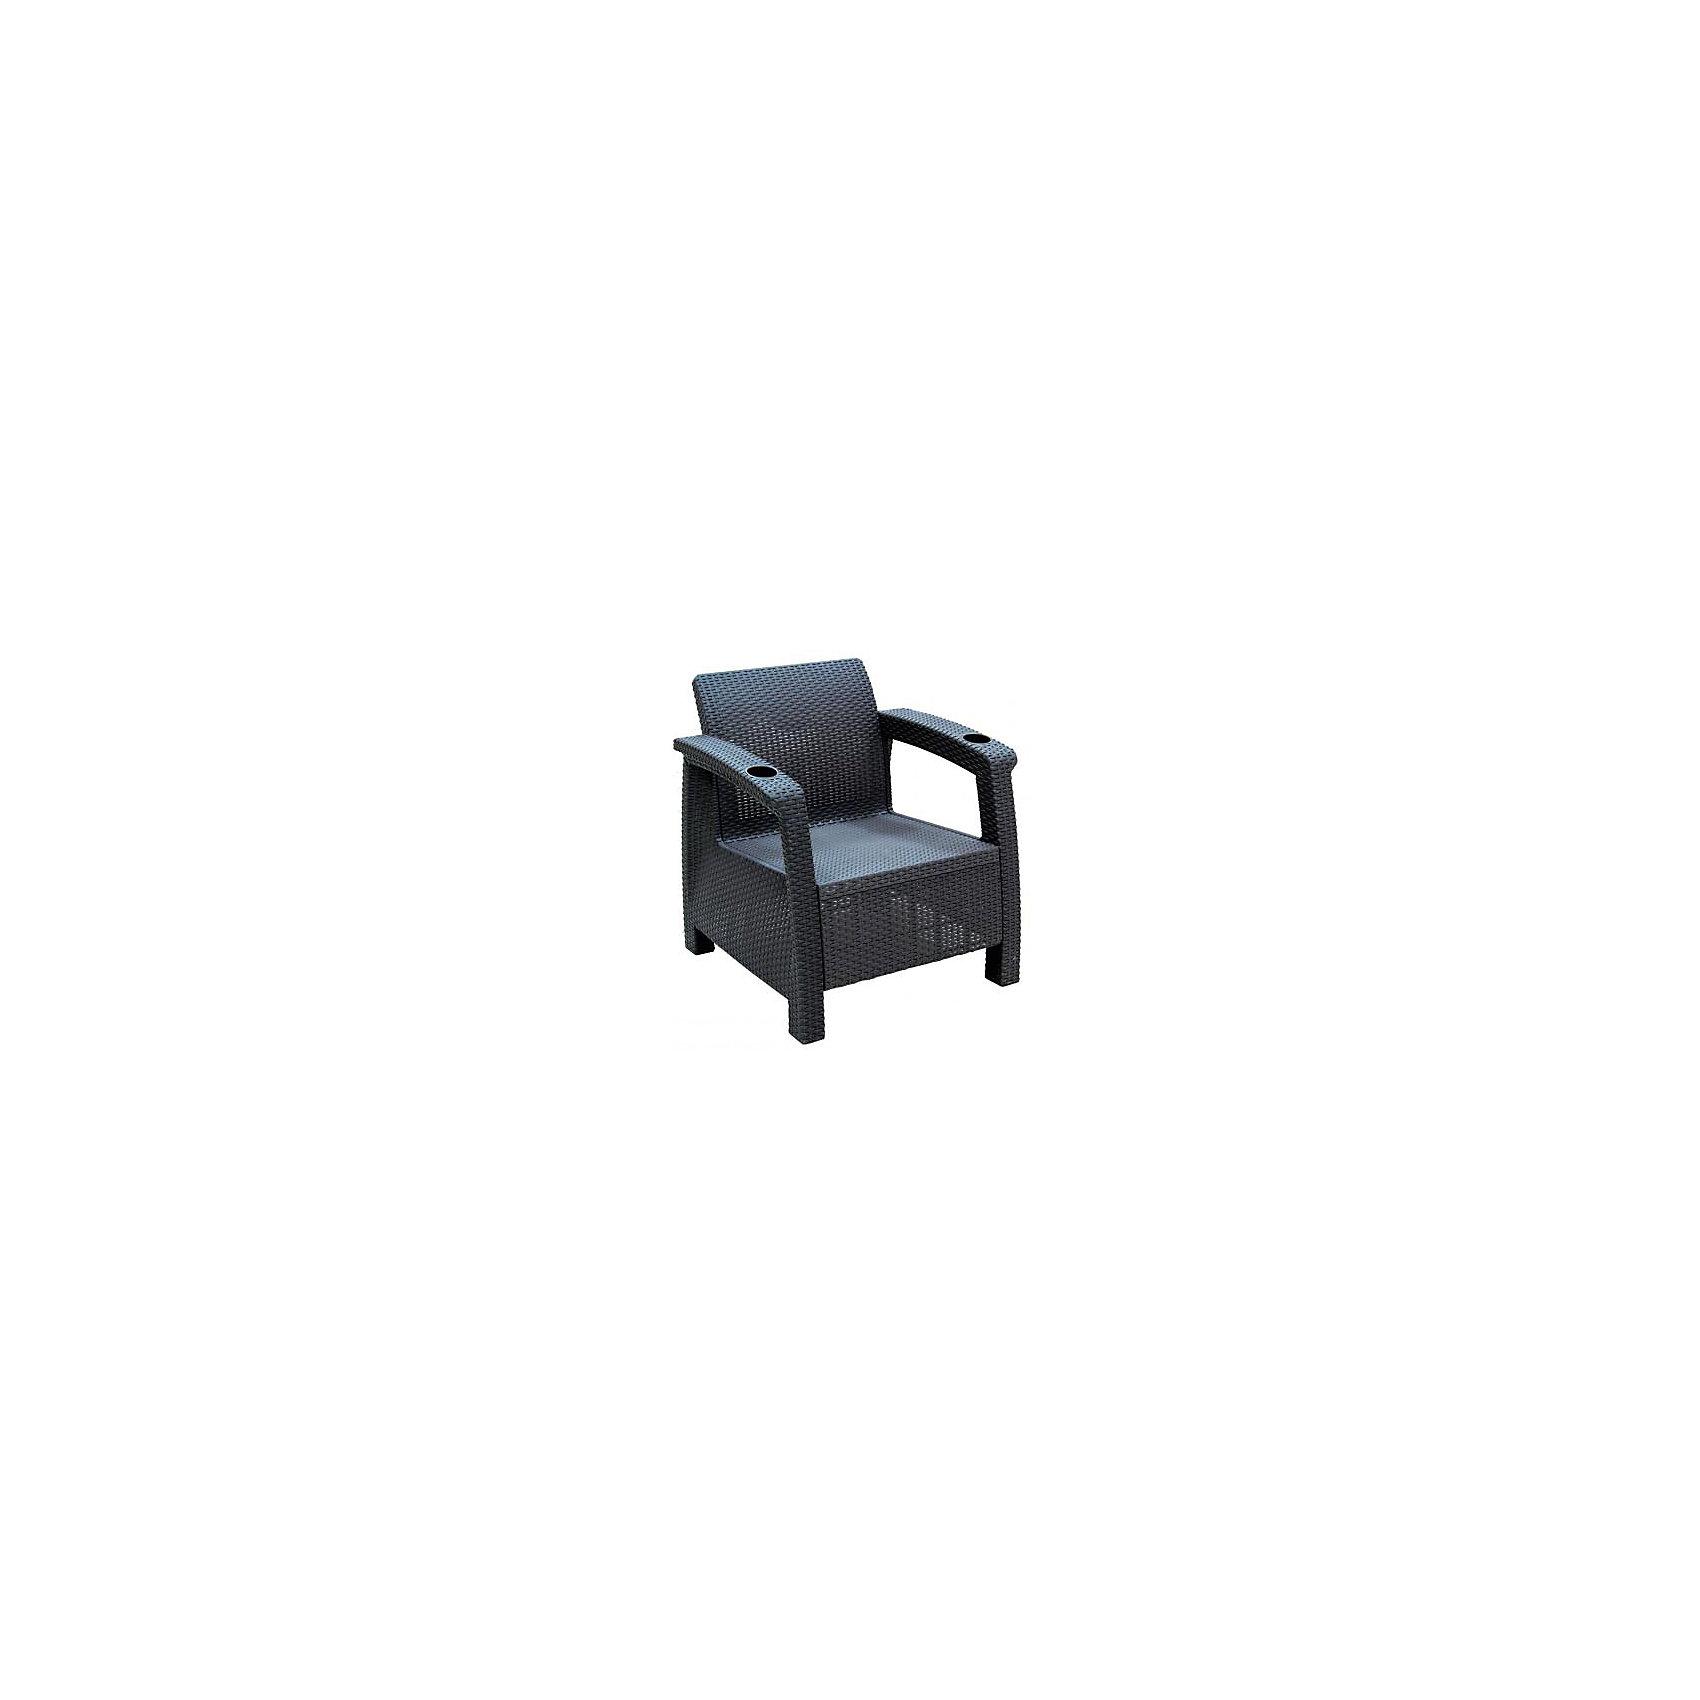 Кресло Ротанг, Alternativa, коричневыйКресло Ротанг 730х700х790 без подуш., Alternativa (Альтернатива), коричневый<br><br>Характеристики:<br><br>• привлекательный дизайн<br>• прочные материалы<br>• два подстаканника<br>• цвет: коричневый<br>• материал: пластик<br>• размер: 73х70х79 см<br>• вес: 6,8 кг<br><br>Кресло Ротанг отлично подойдет для уютного отдыха в саду или на даче. Оно изготовлено из качественного пластика с высокой износостойкостью. На подлокотниках есть 2 углубления для стаканов с напитками. Вы сможете удобно расположиться в кресле и пить любимый сок, чай или любой другой напиток. Широкие ножки гарантируют хорошую устойчивость кресла.<br><br>Кресло Ротанг 730х700х790 без подуш., Alternativa (Альтернатива), коричневый можно купить в нашем интернет-магазине.<br><br>Ширина мм: 730<br>Глубина мм: 700<br>Высота мм: 790<br>Вес г: 6800<br>Возраст от месяцев: 12<br>Возраст до месяцев: 1188<br>Пол: Унисекс<br>Возраст: Детский<br>SKU: 5436203